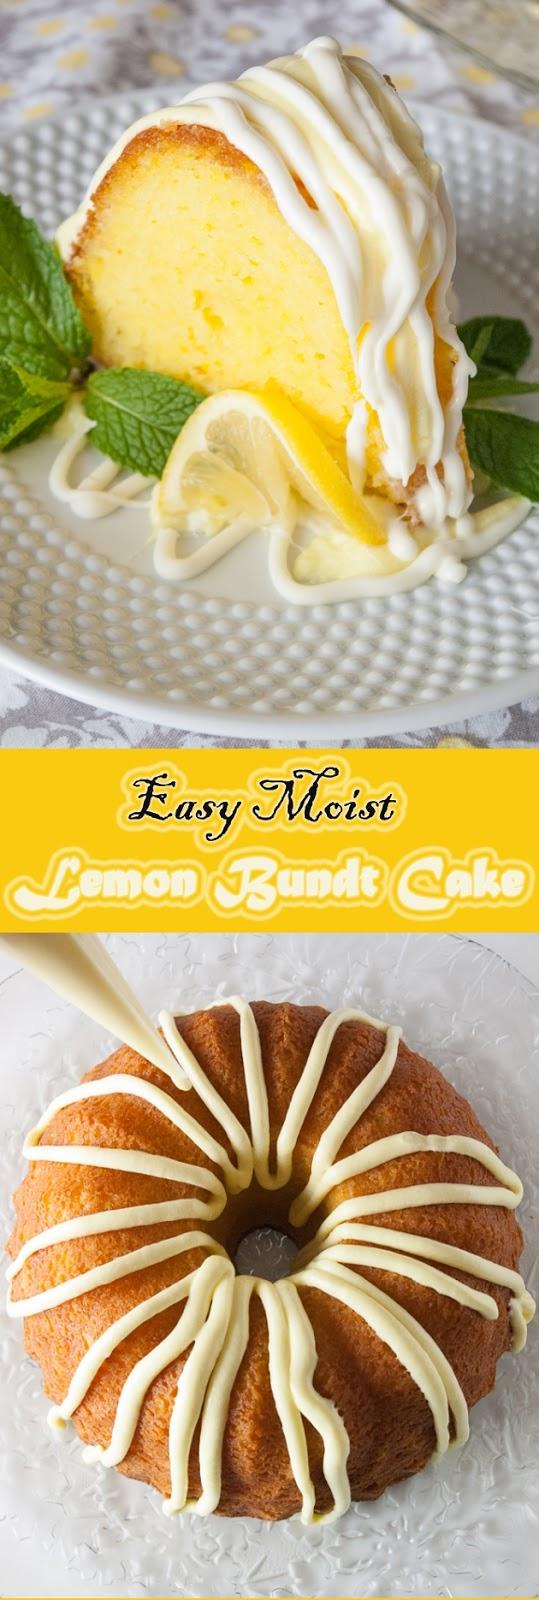 Easy Moist Lemon Bundt Cake Recipes